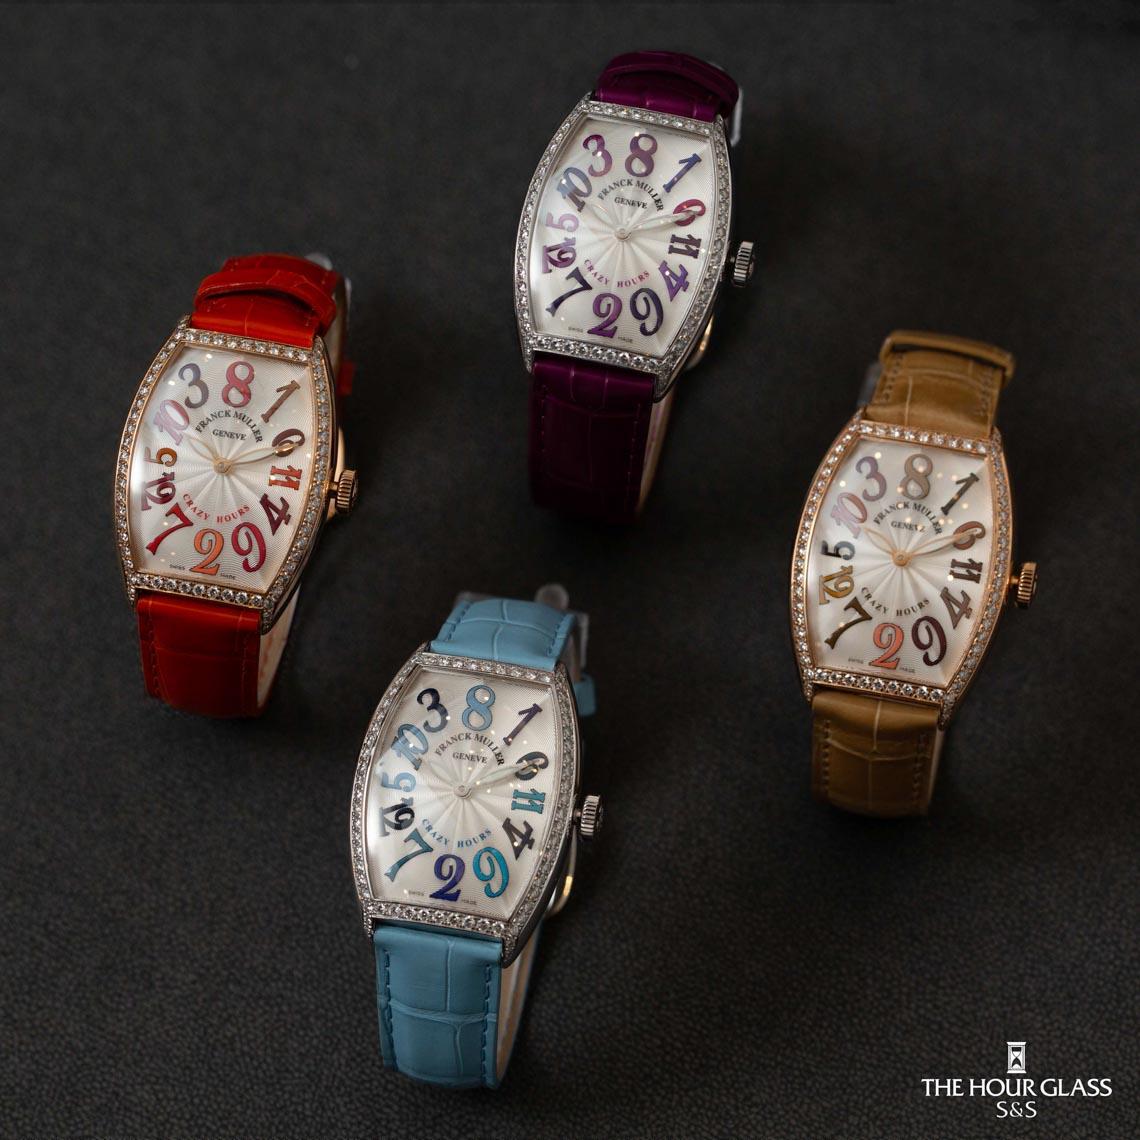 Franck Muller giới thiệu các BST đồng hồ xa xỉ tại Việt Nam - 3